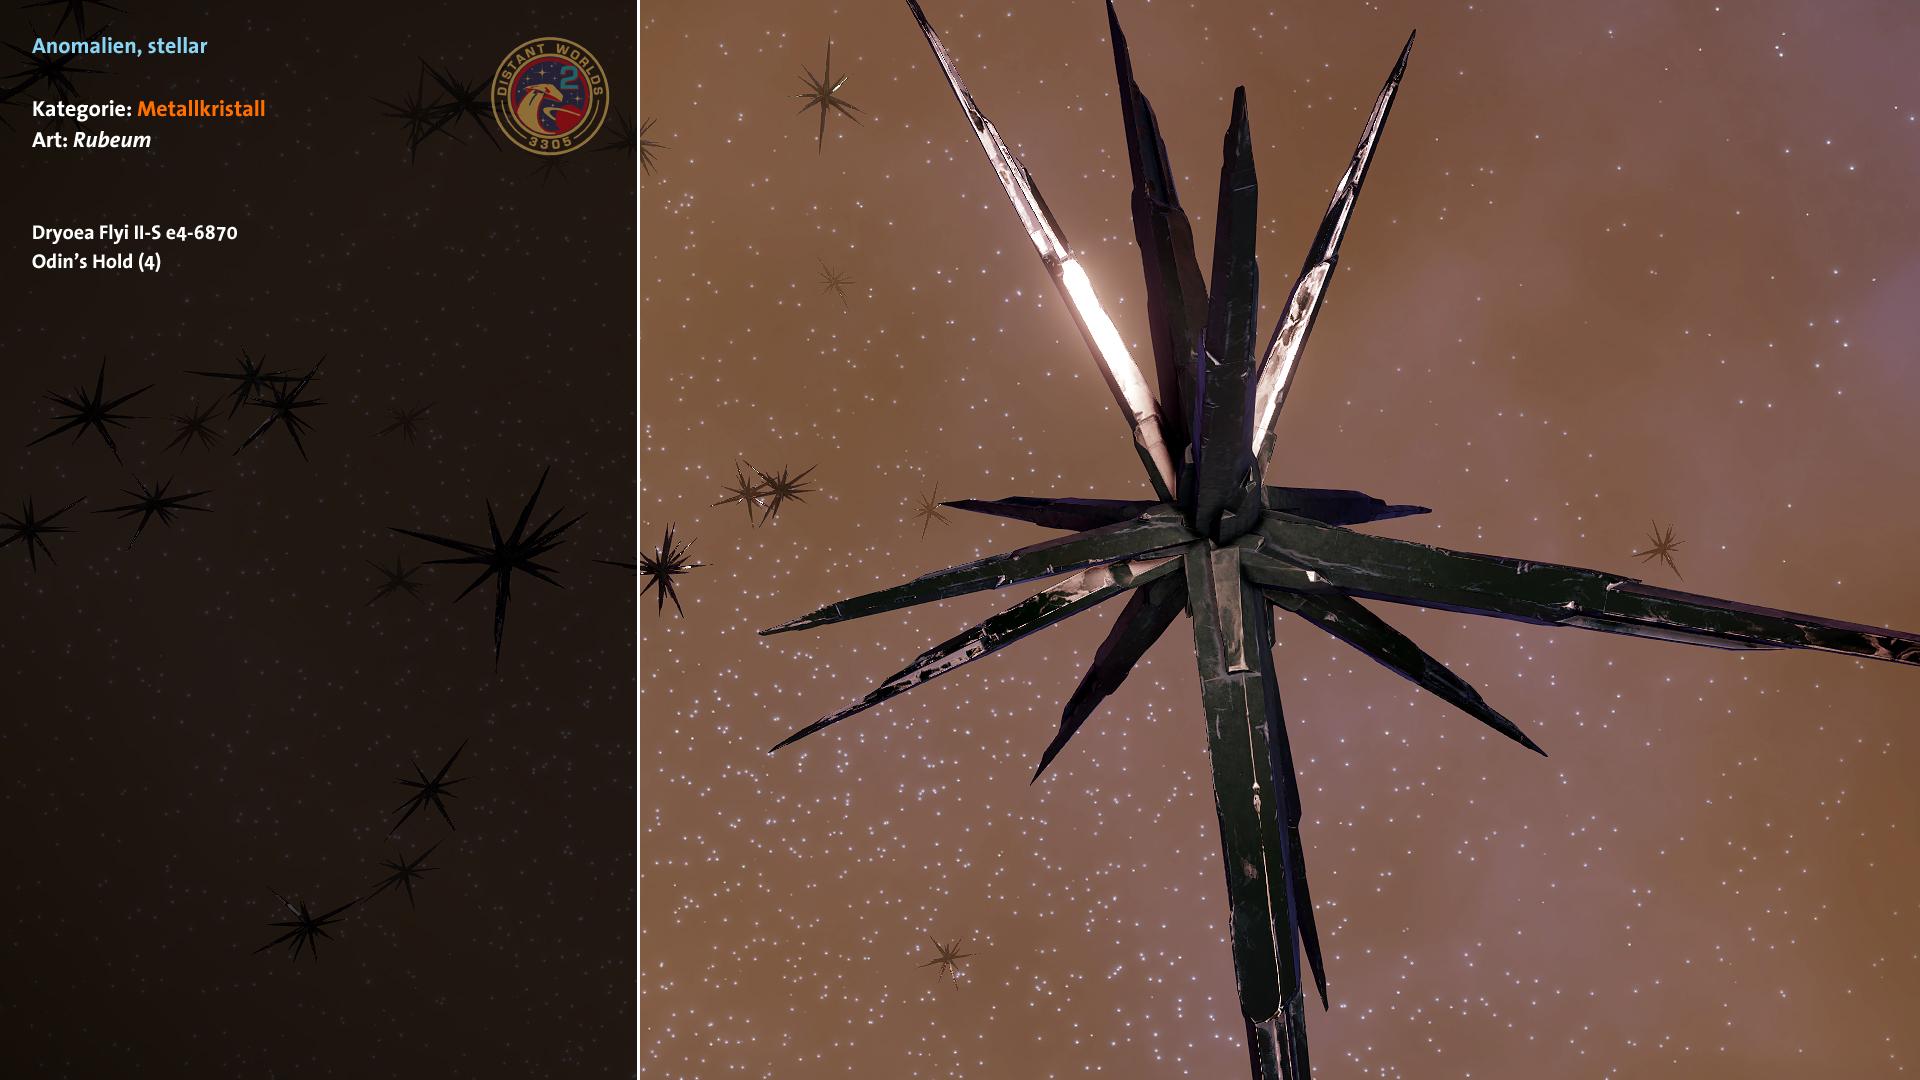 dw2-05-024-biostellar7wjbf.jpg